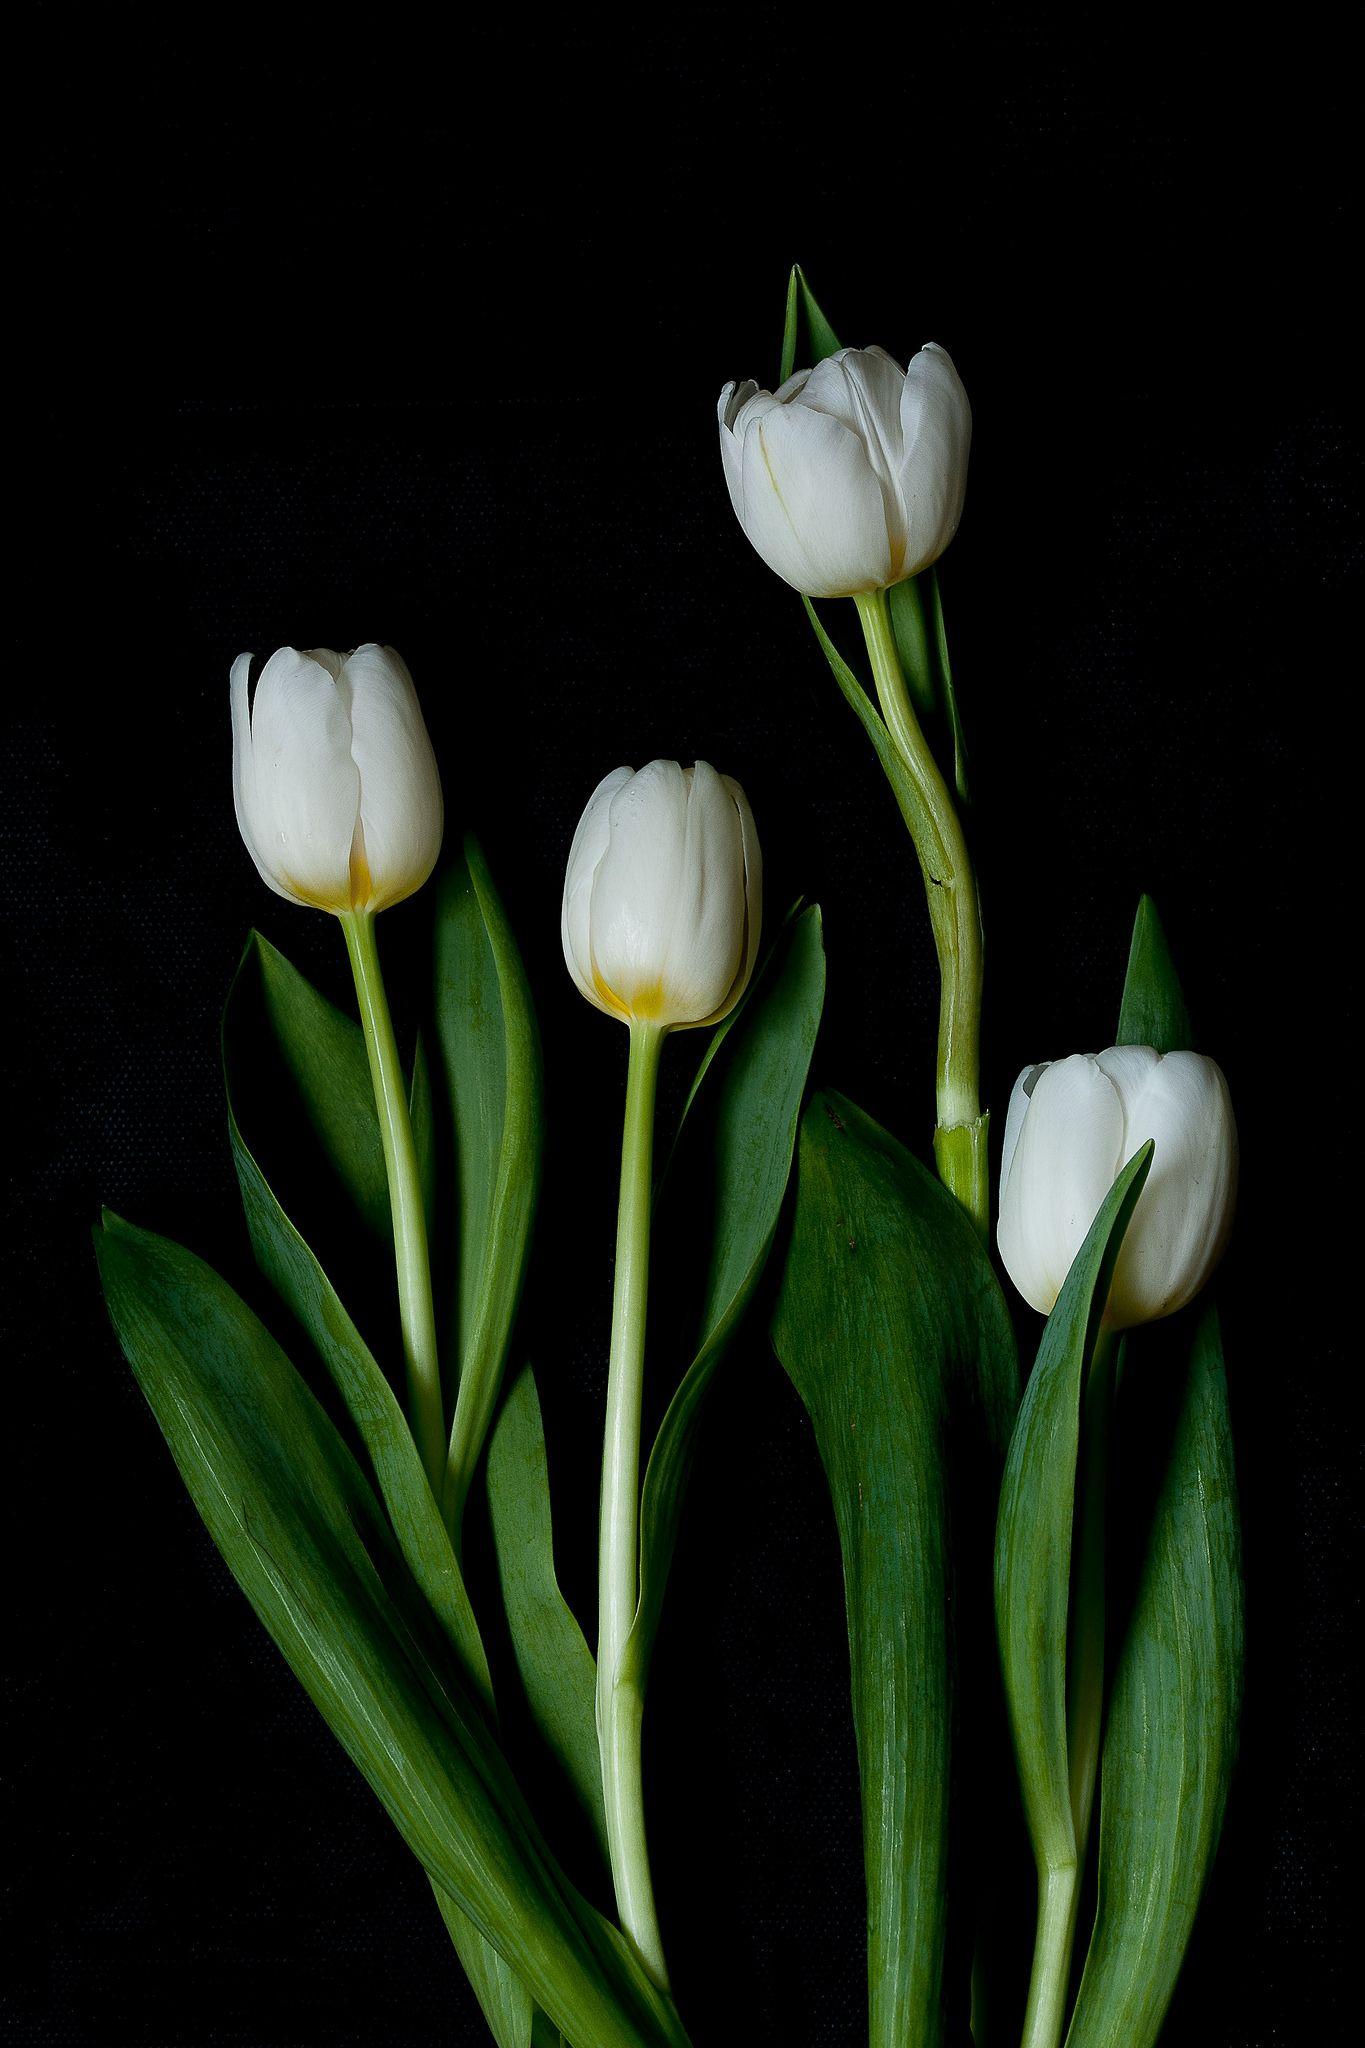 Tulip Flowers Black Background White Flower Wallpaper Tulips Flowers